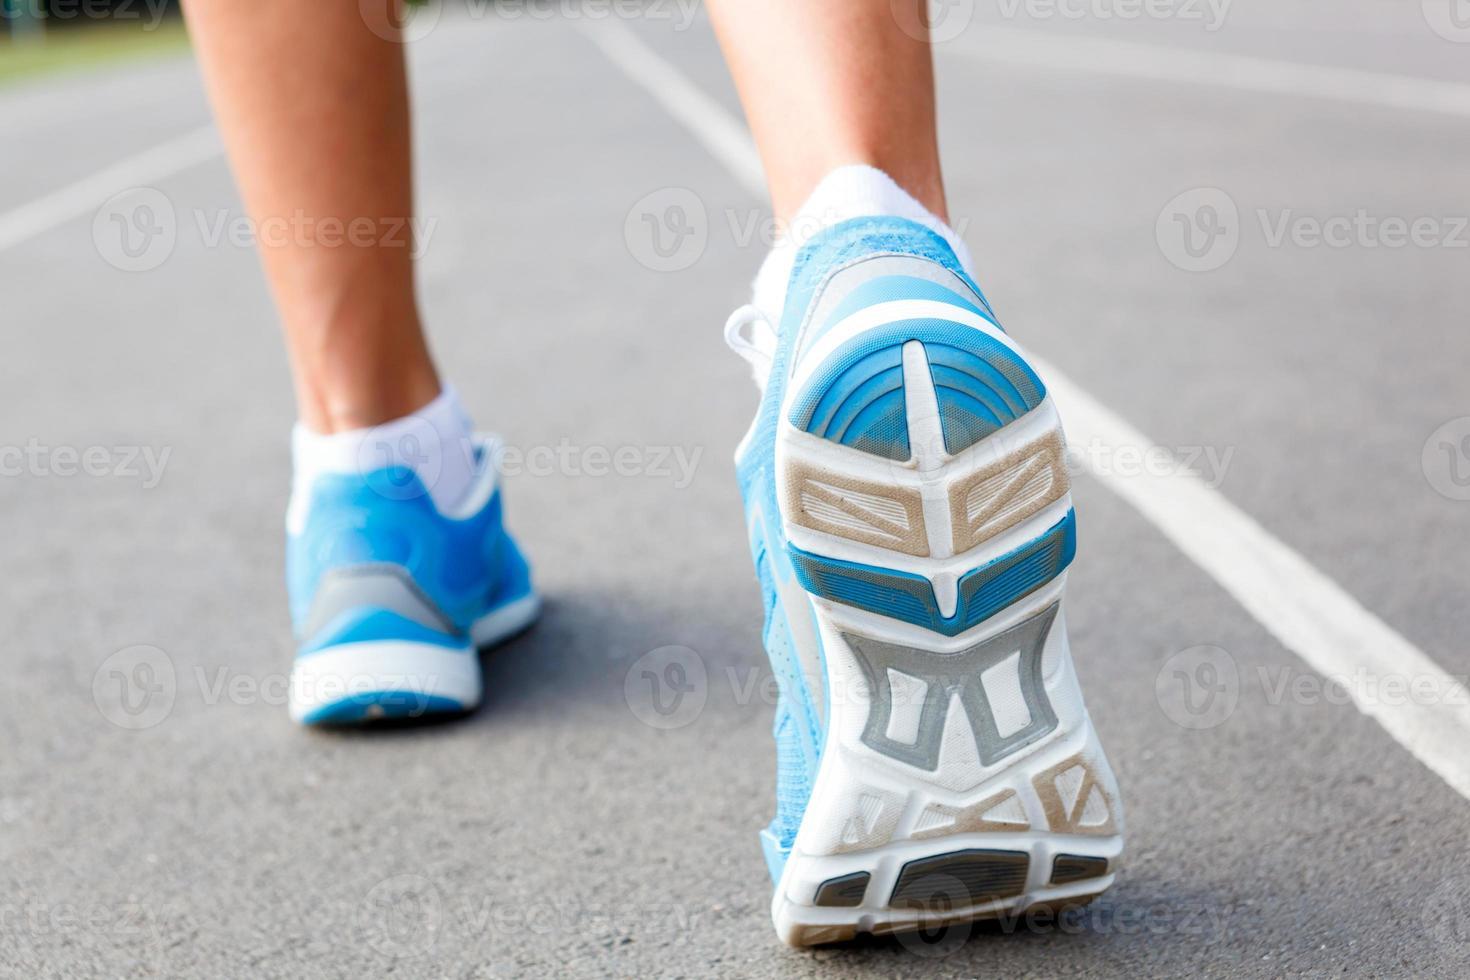 närbild av löpare sko - löpning koncept. foto